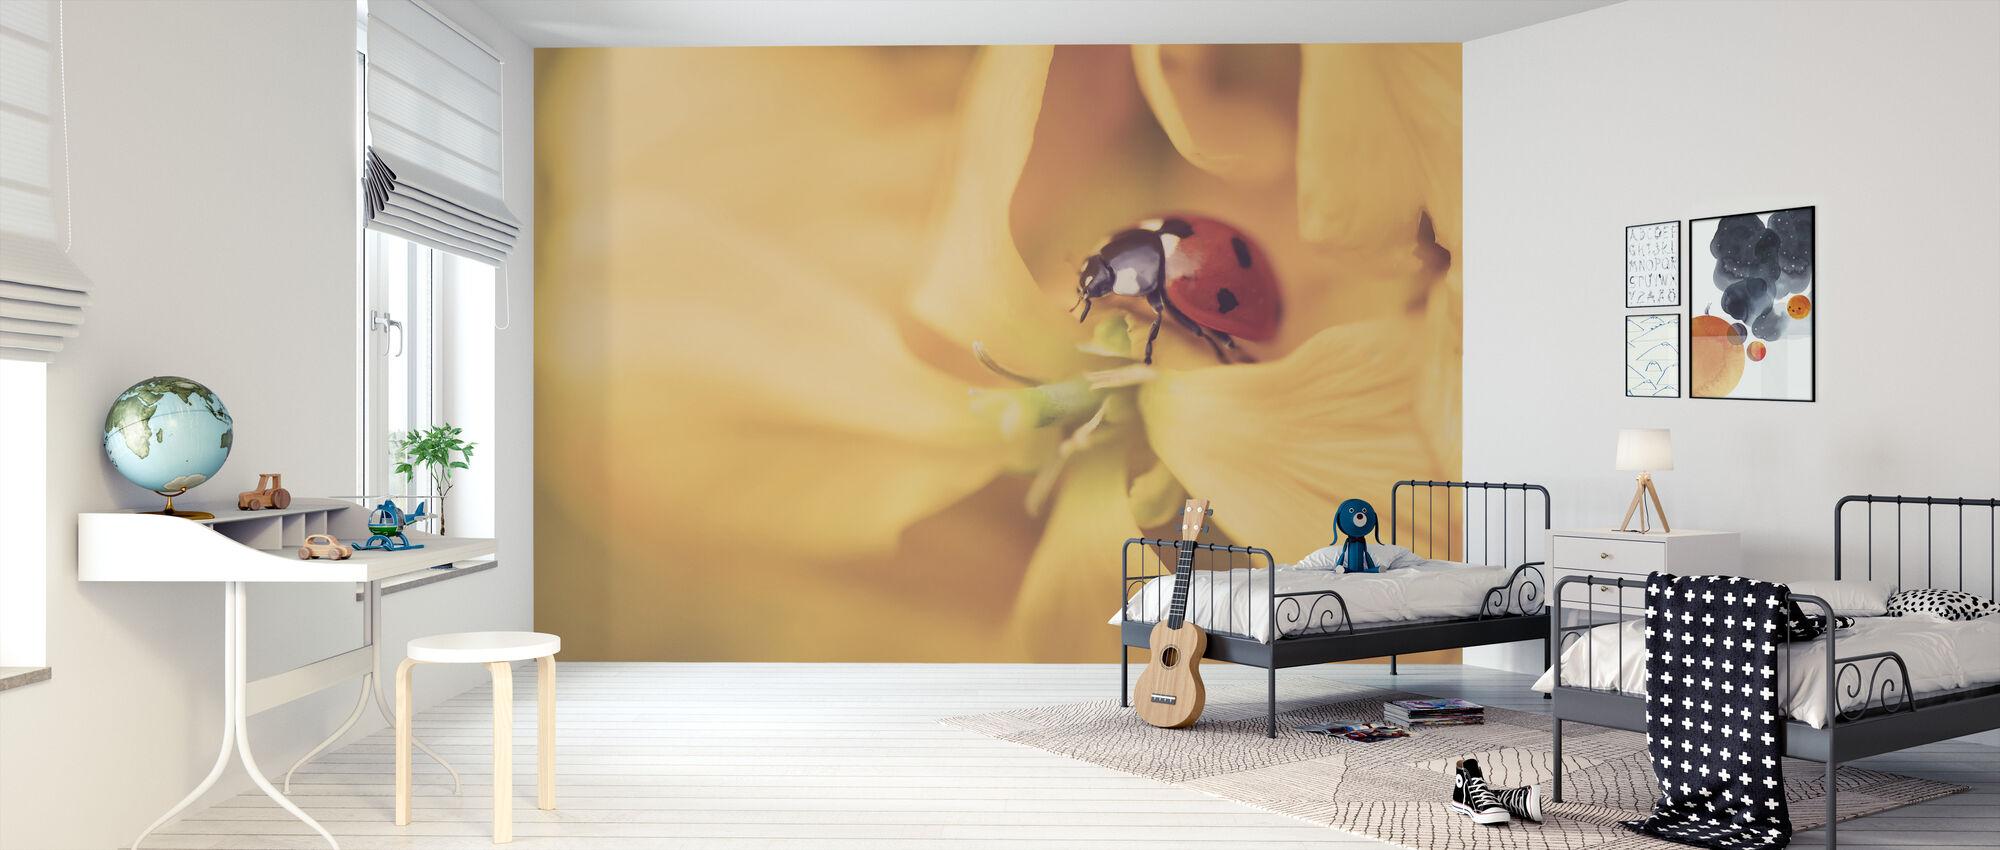 Ladybird Exploring - Wallpaper - Kids Room